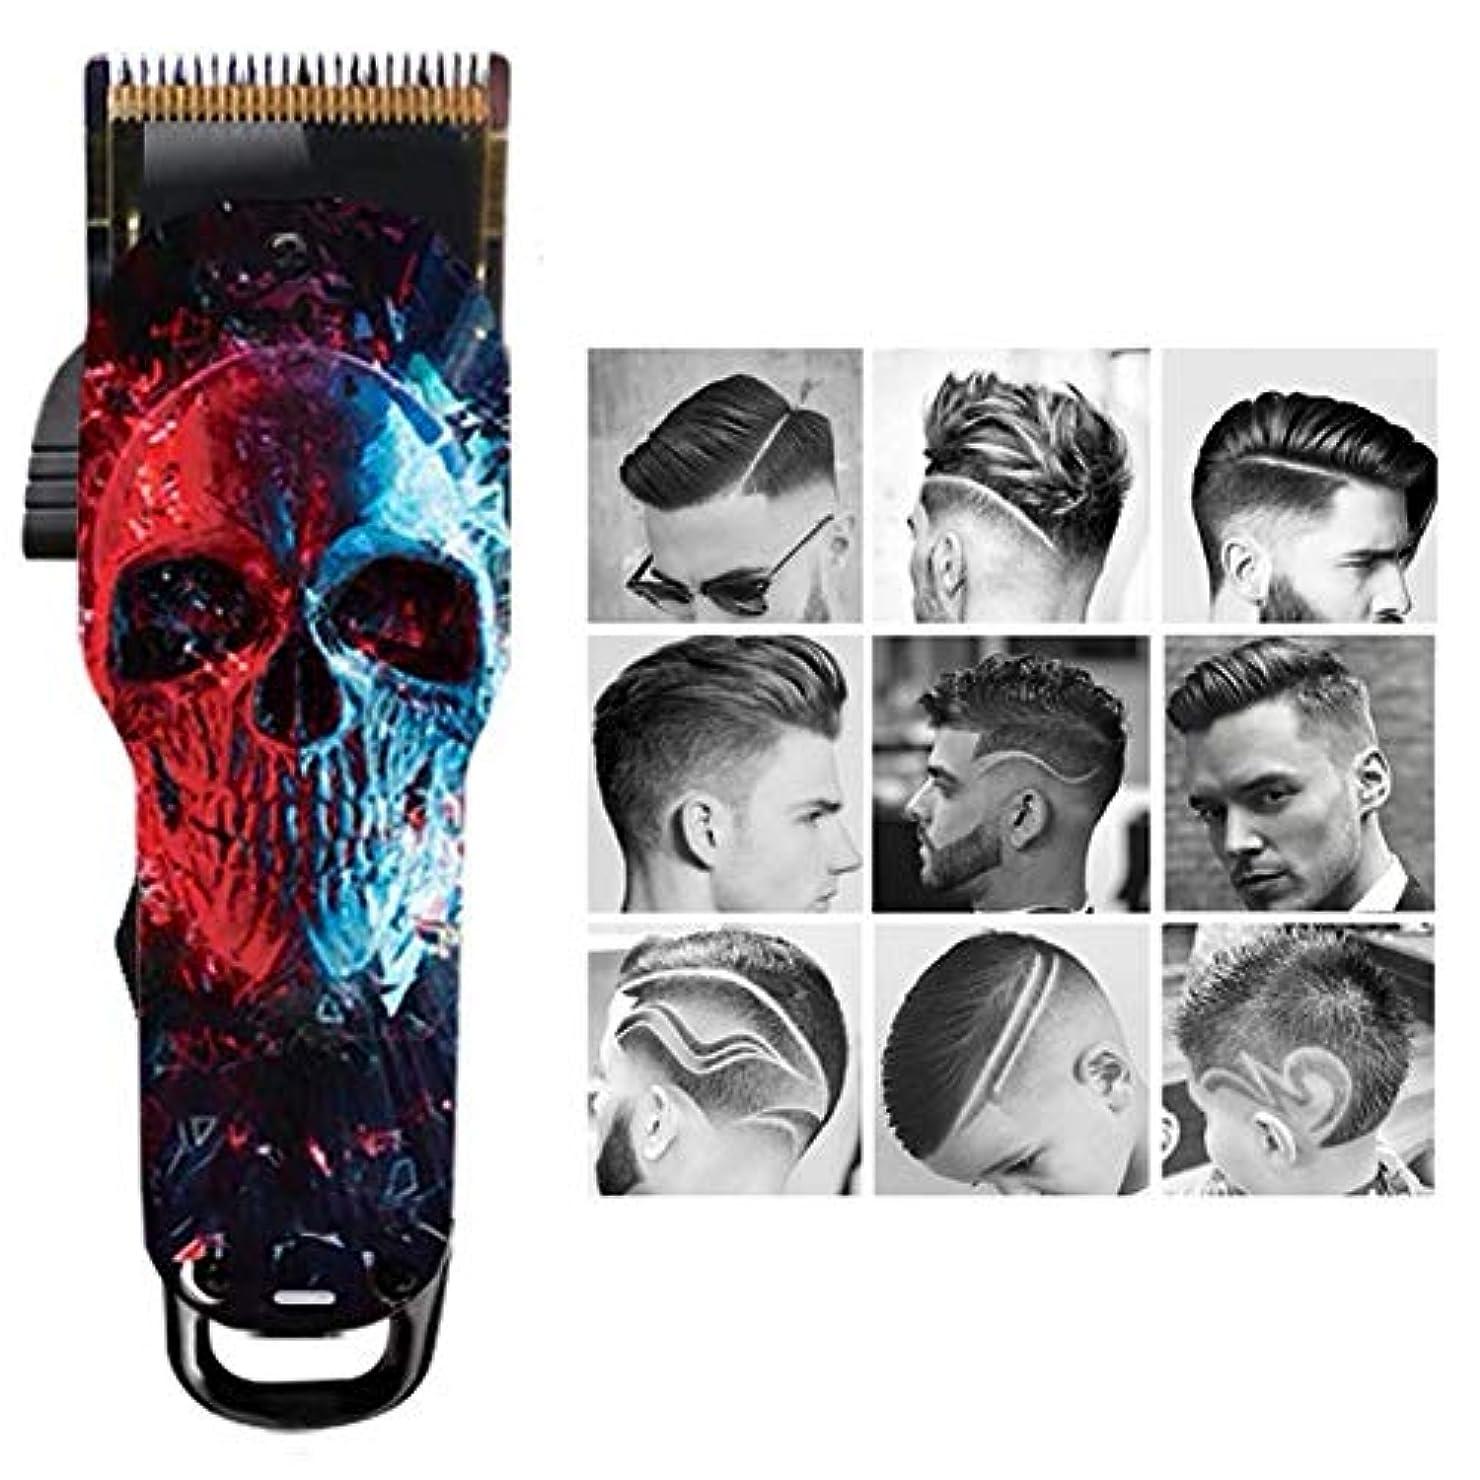 電動バリカン - 理髪店スタイリング特別な落書きオイルヘッドレトロヘアクリッパーヘアサロンプロフェッショナルヘアクリッパー